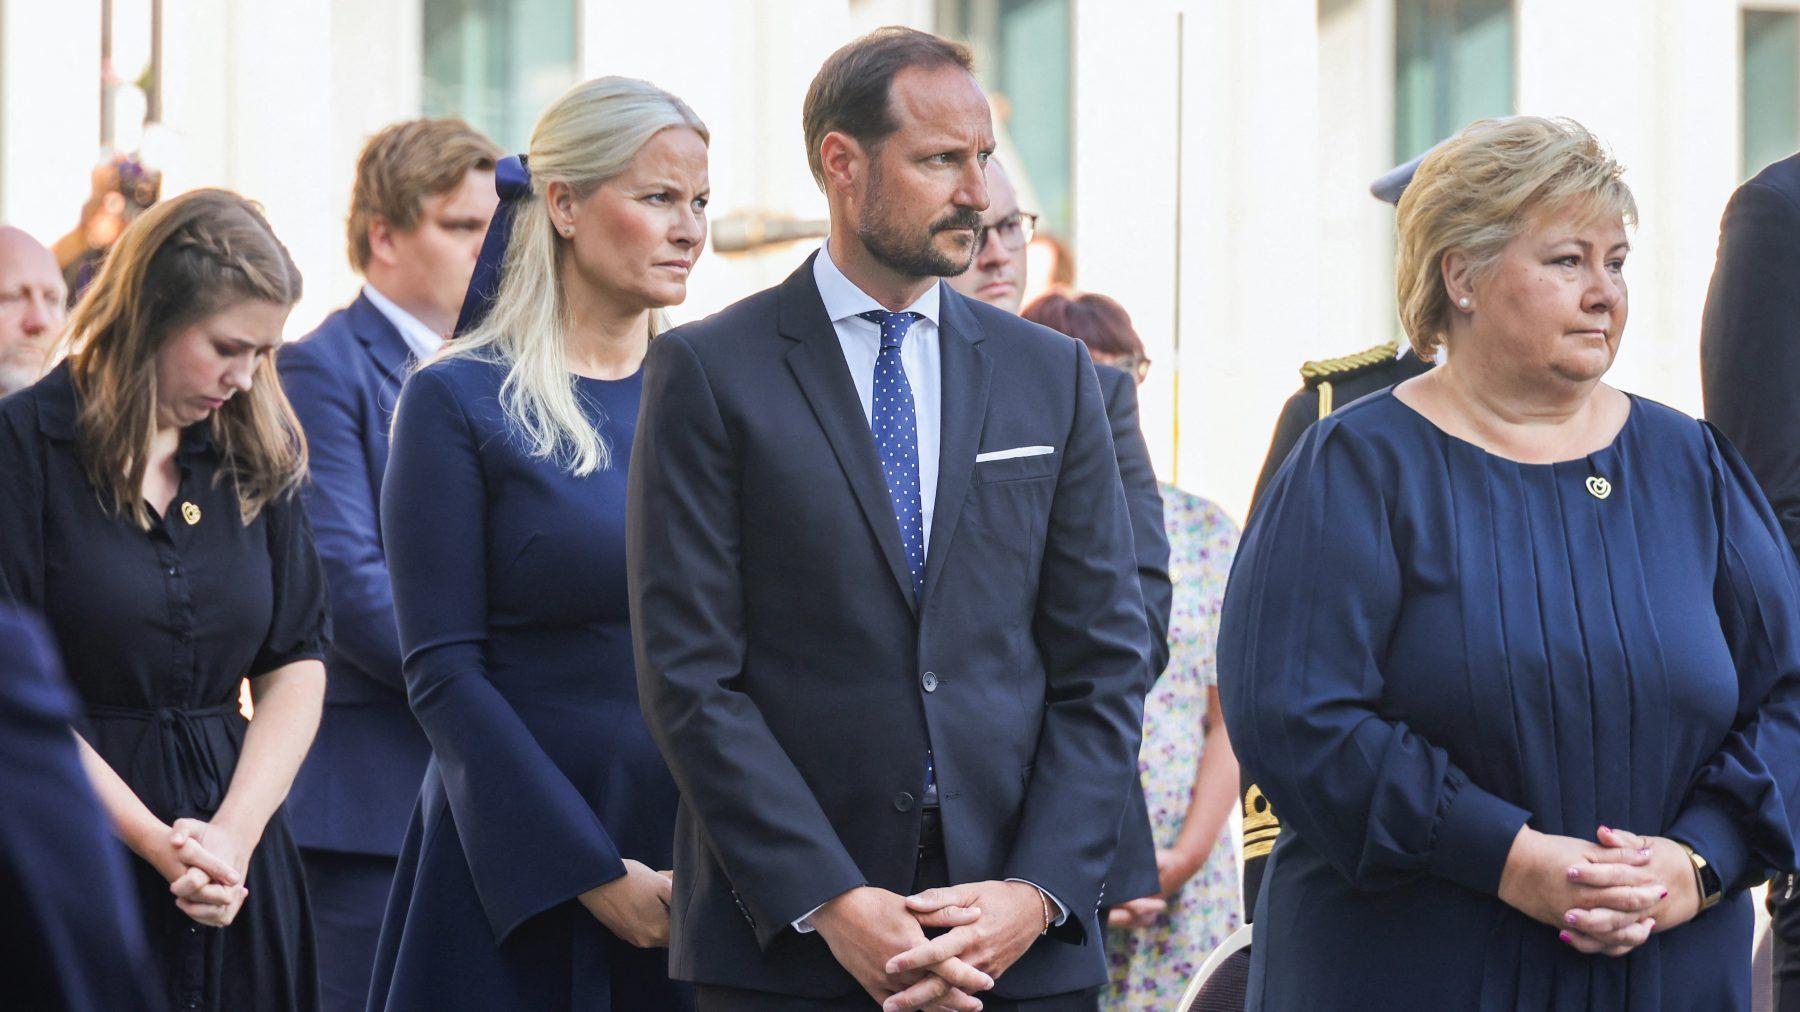 herdenking-utoya-noorwegen-breivik-aanslag